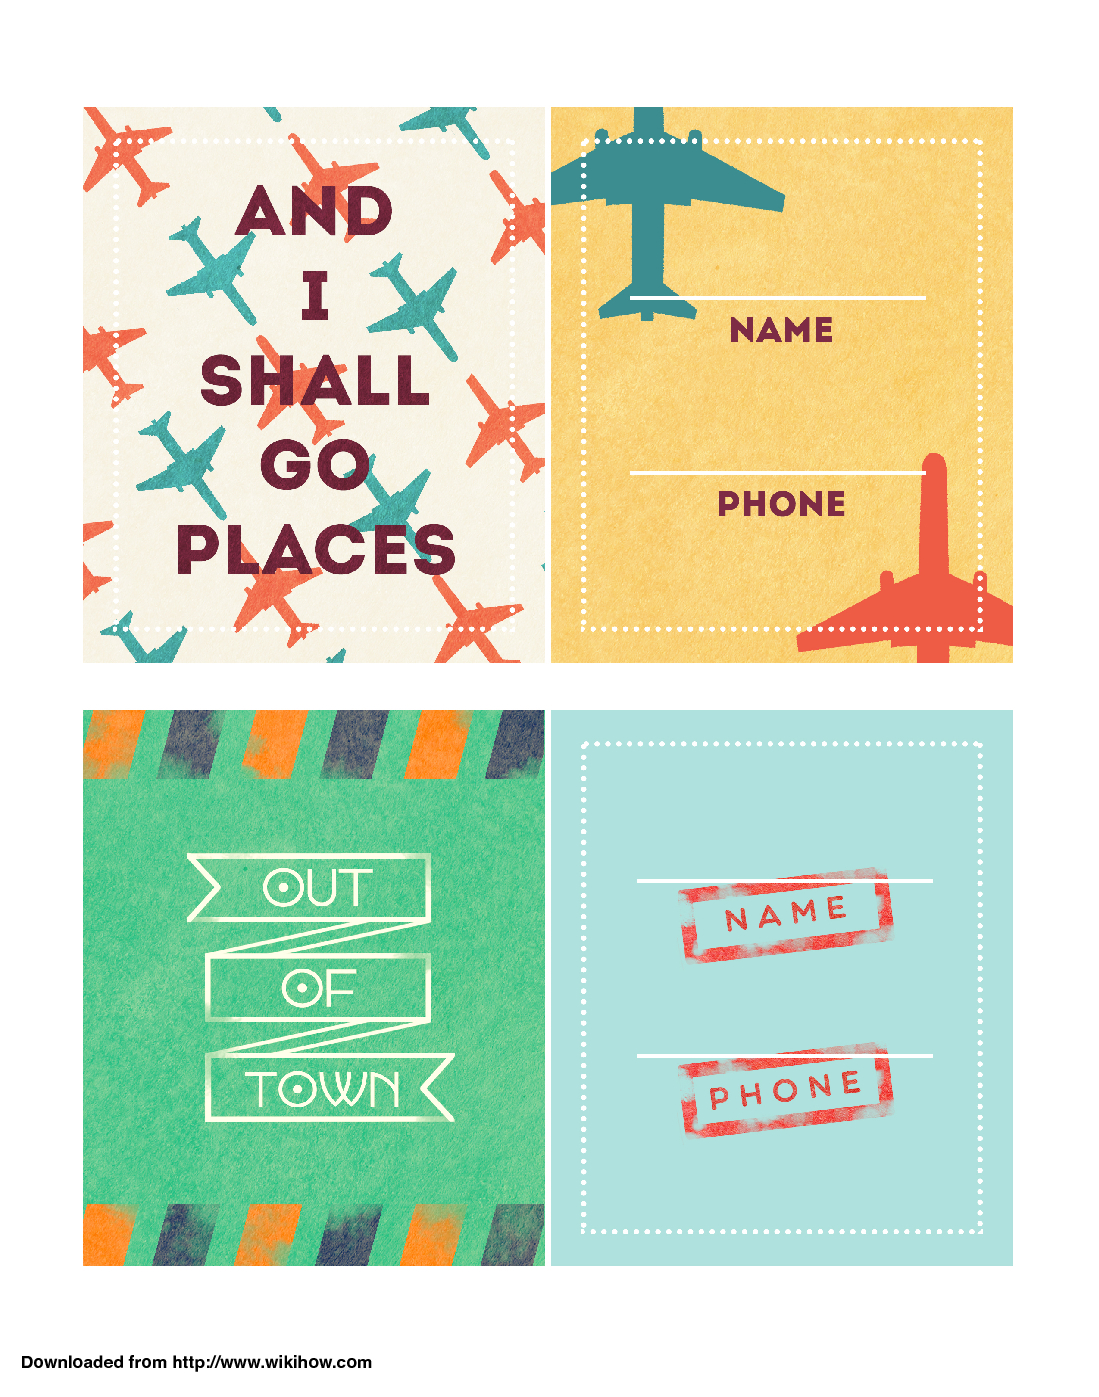 Printable Luggage Tags - Wikihow - Free Printable Luggage Tags